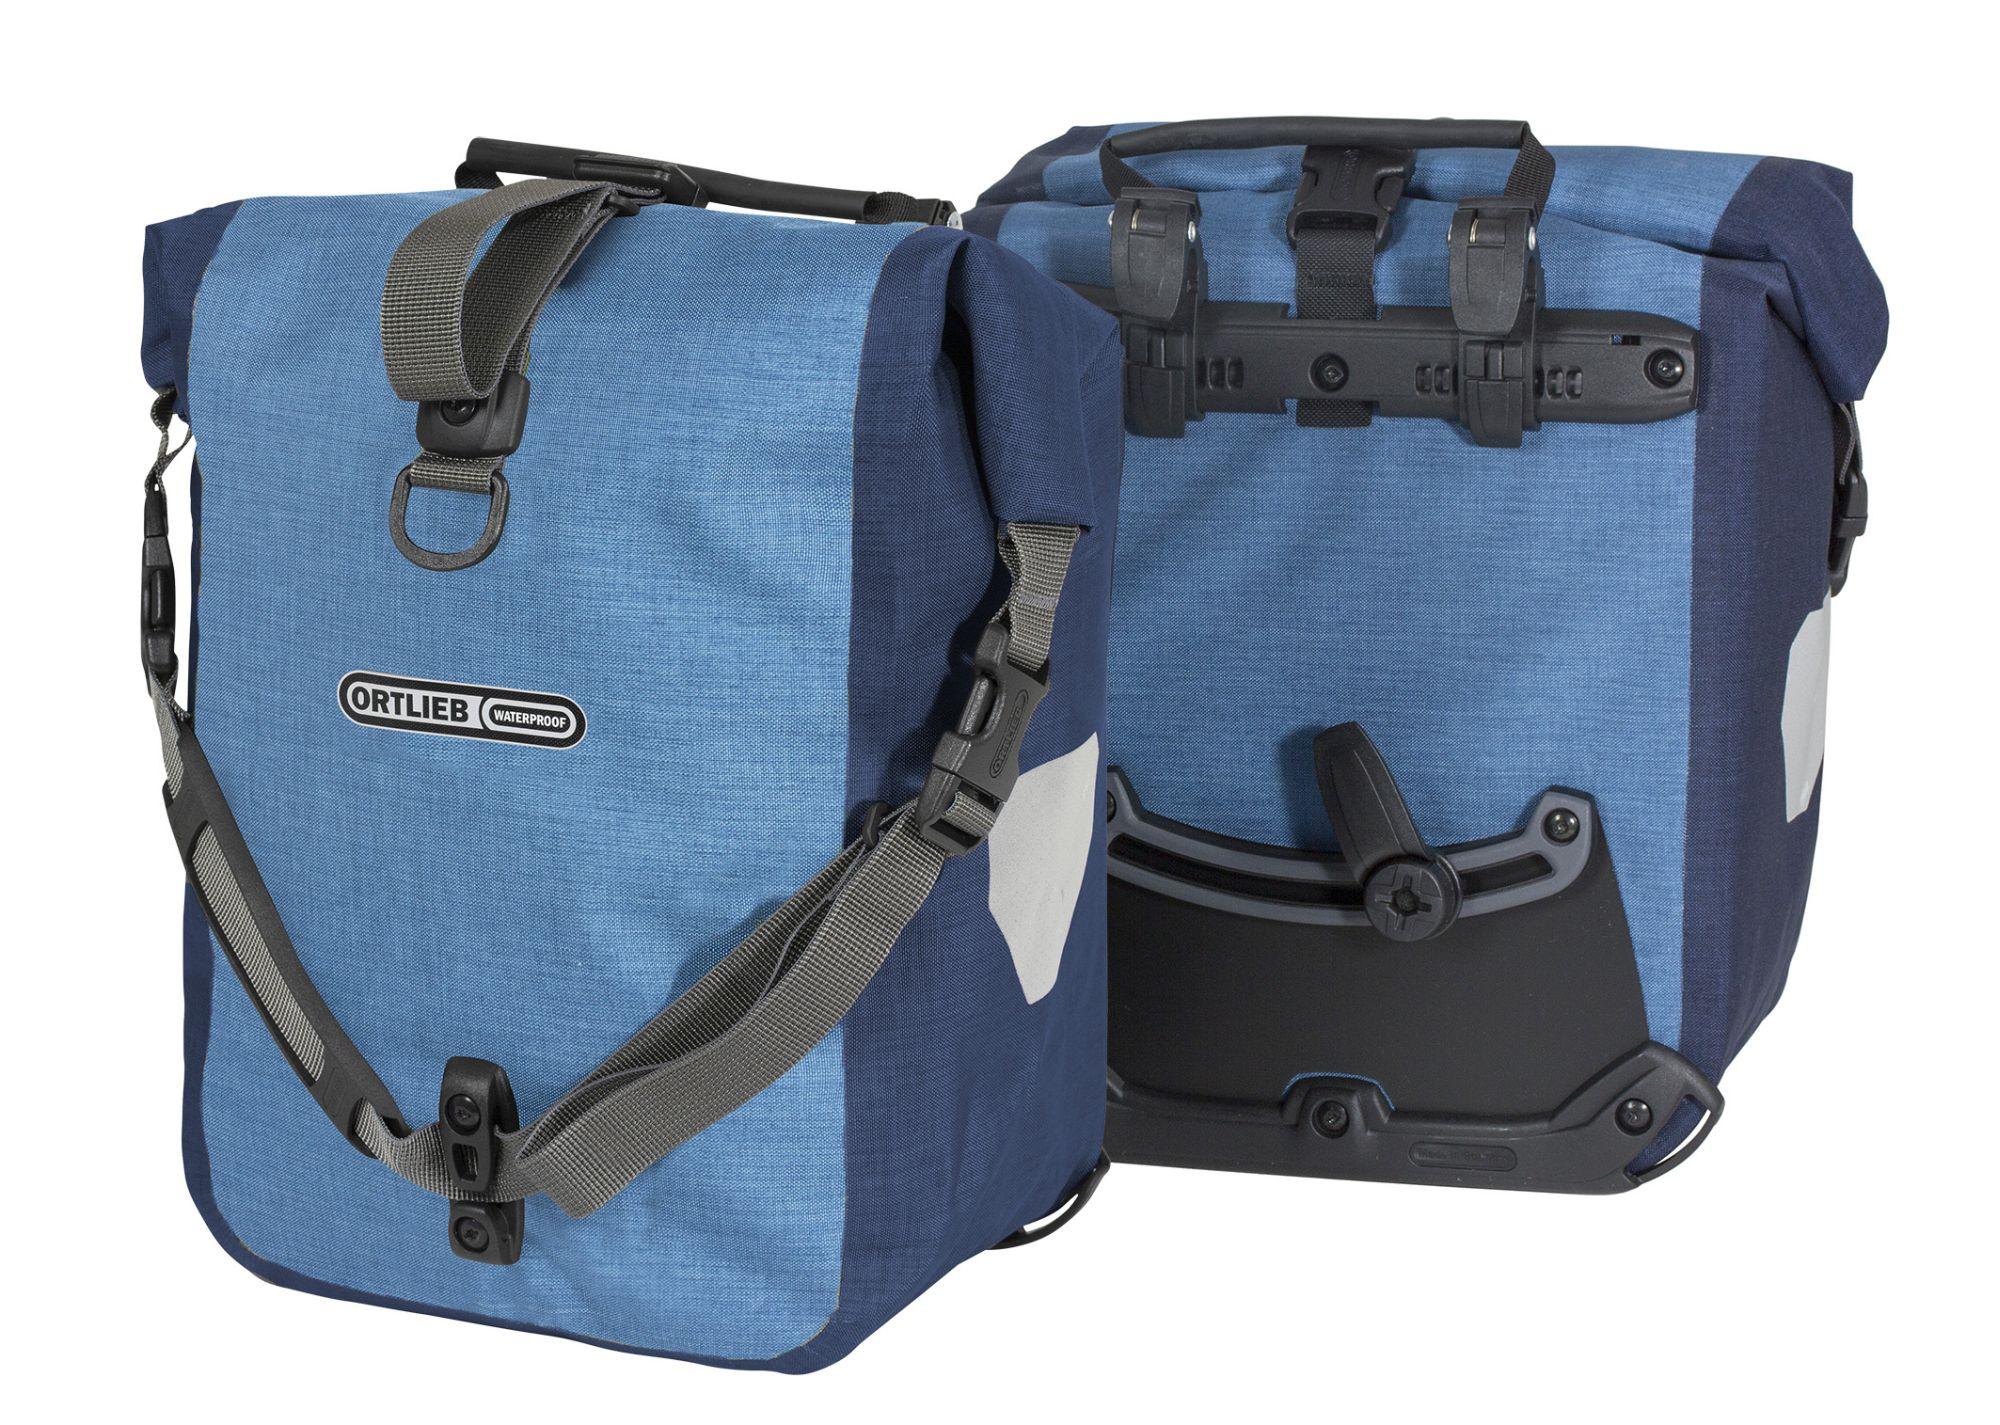 ORTLIEB Seitentaschen Paar Sport-Roller Plus